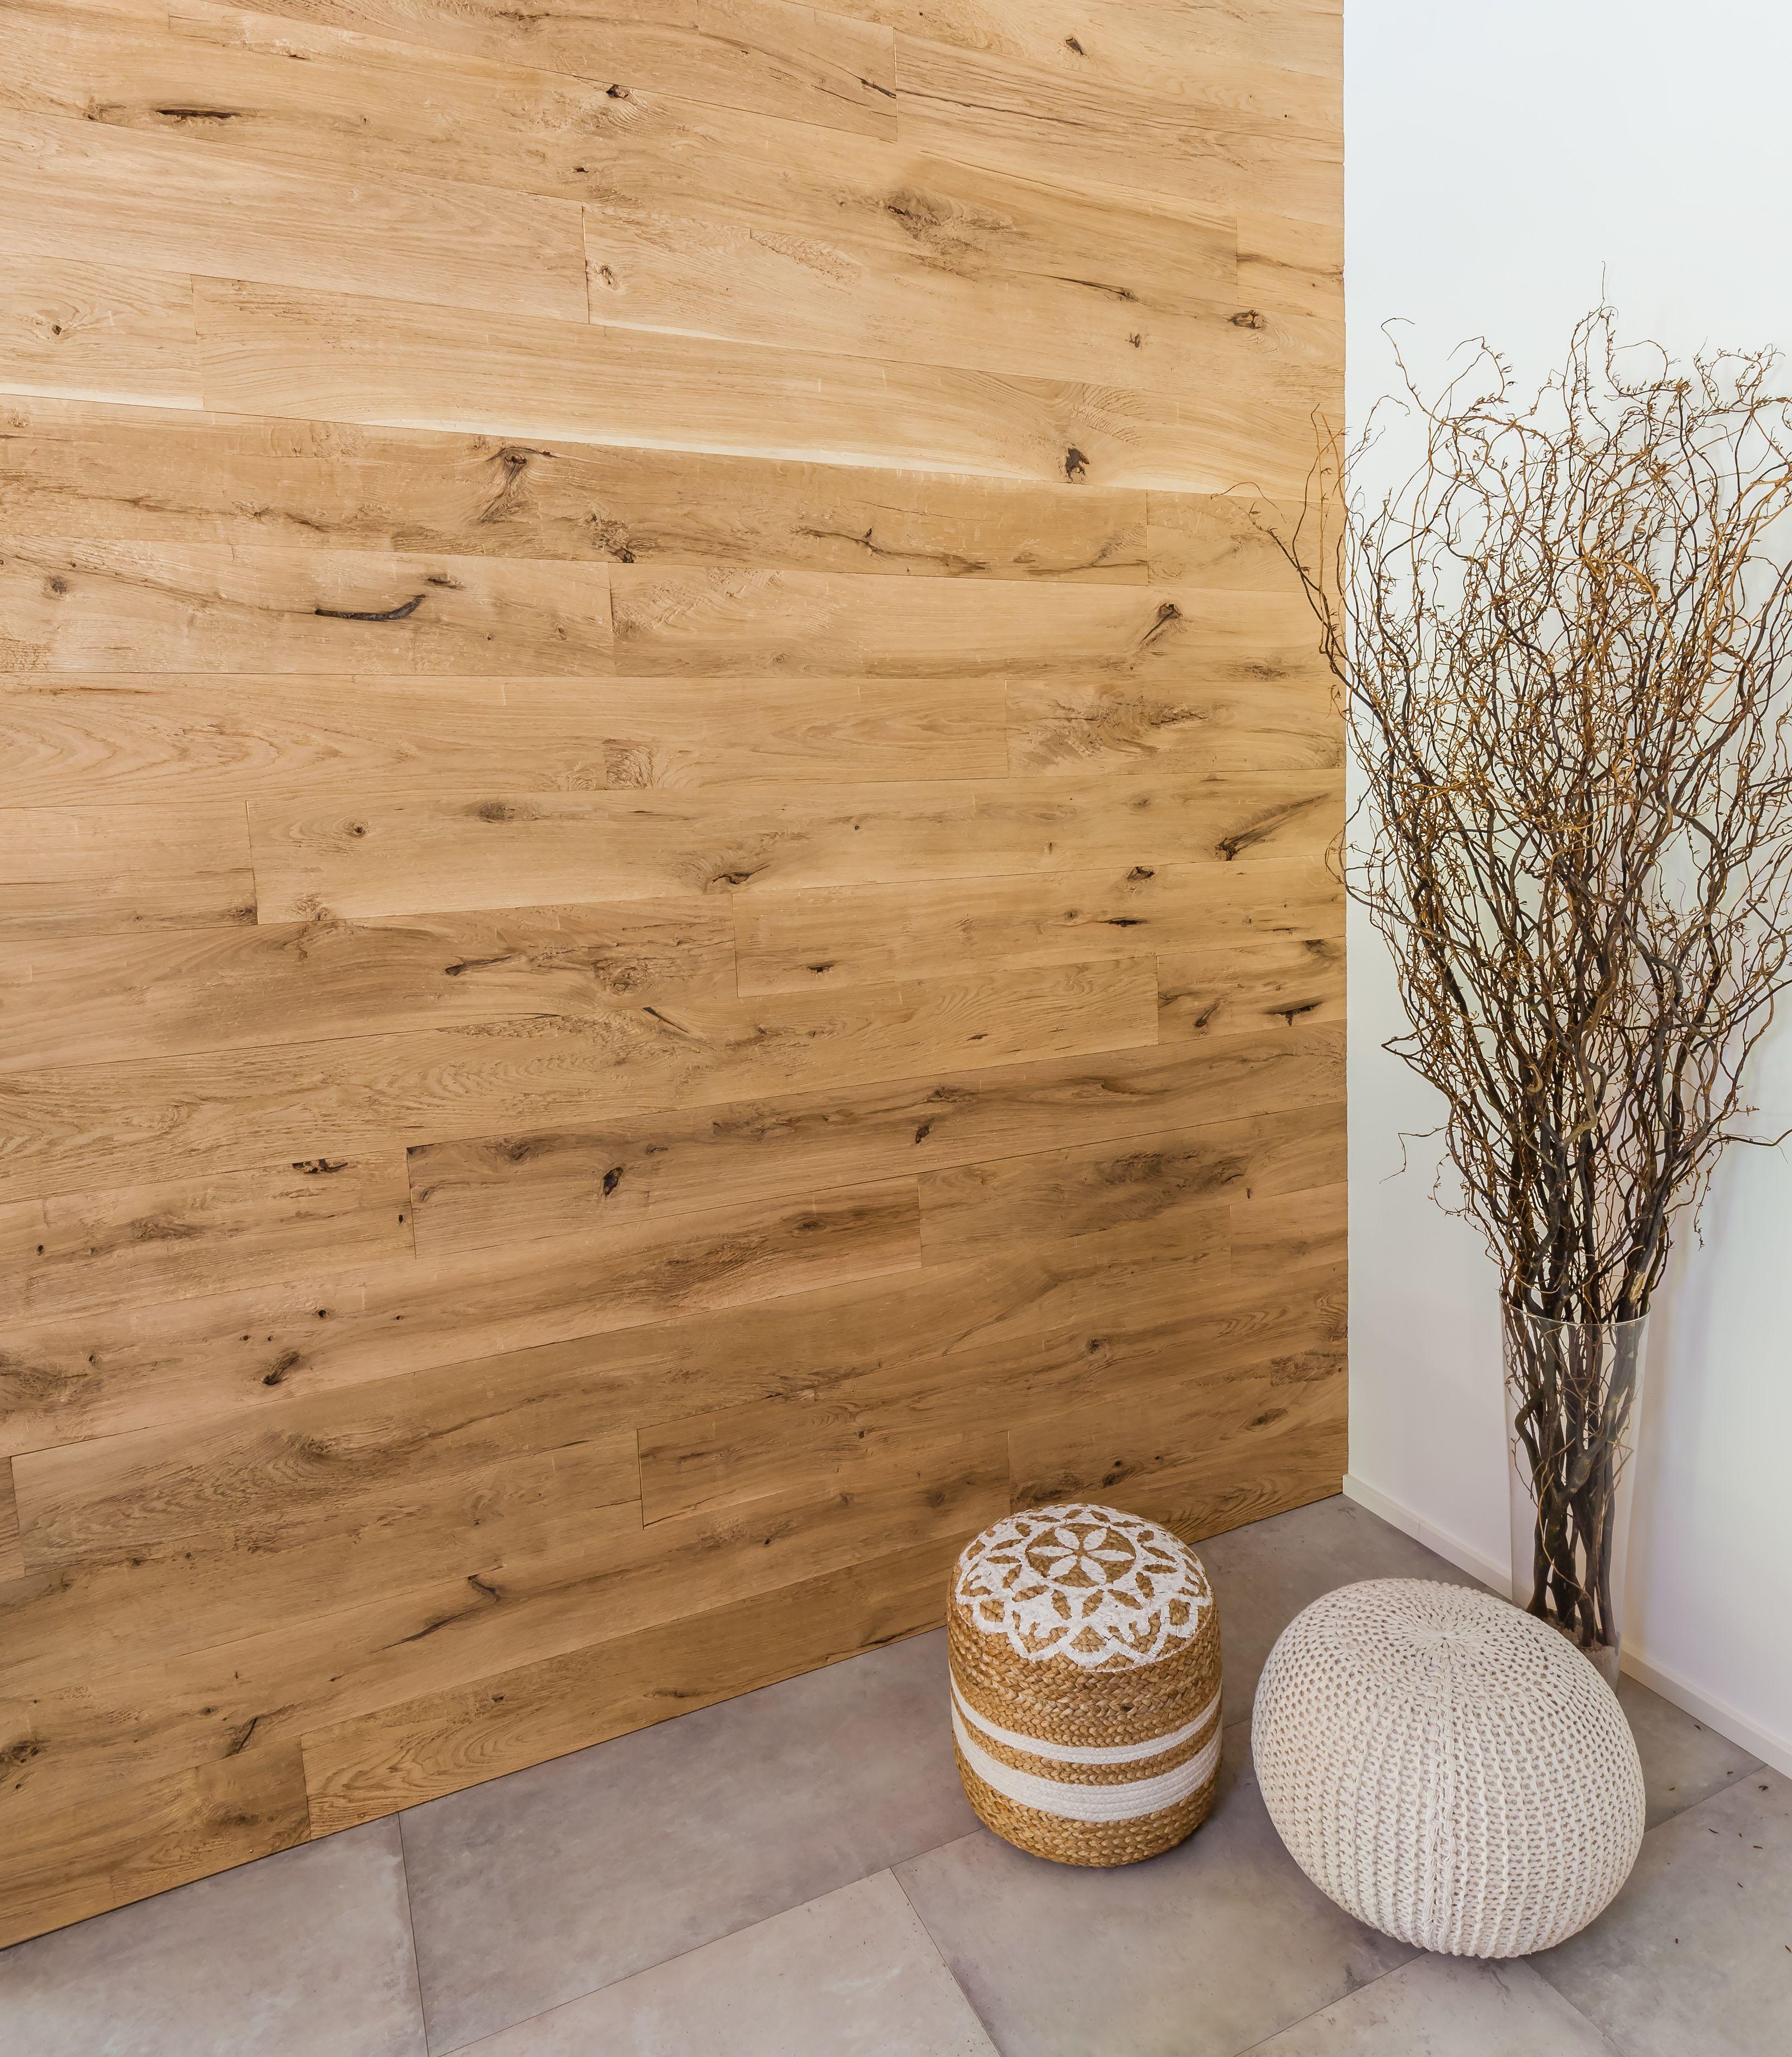 Das Josefsbrett Eiche Profilholz Chalet Ist Eine Preisgunstige Alternative Zu Echtem Altholz Und Uberzeugt Mit Sei Altholz Holz Wohnzimmer Wandverkleidung Holz